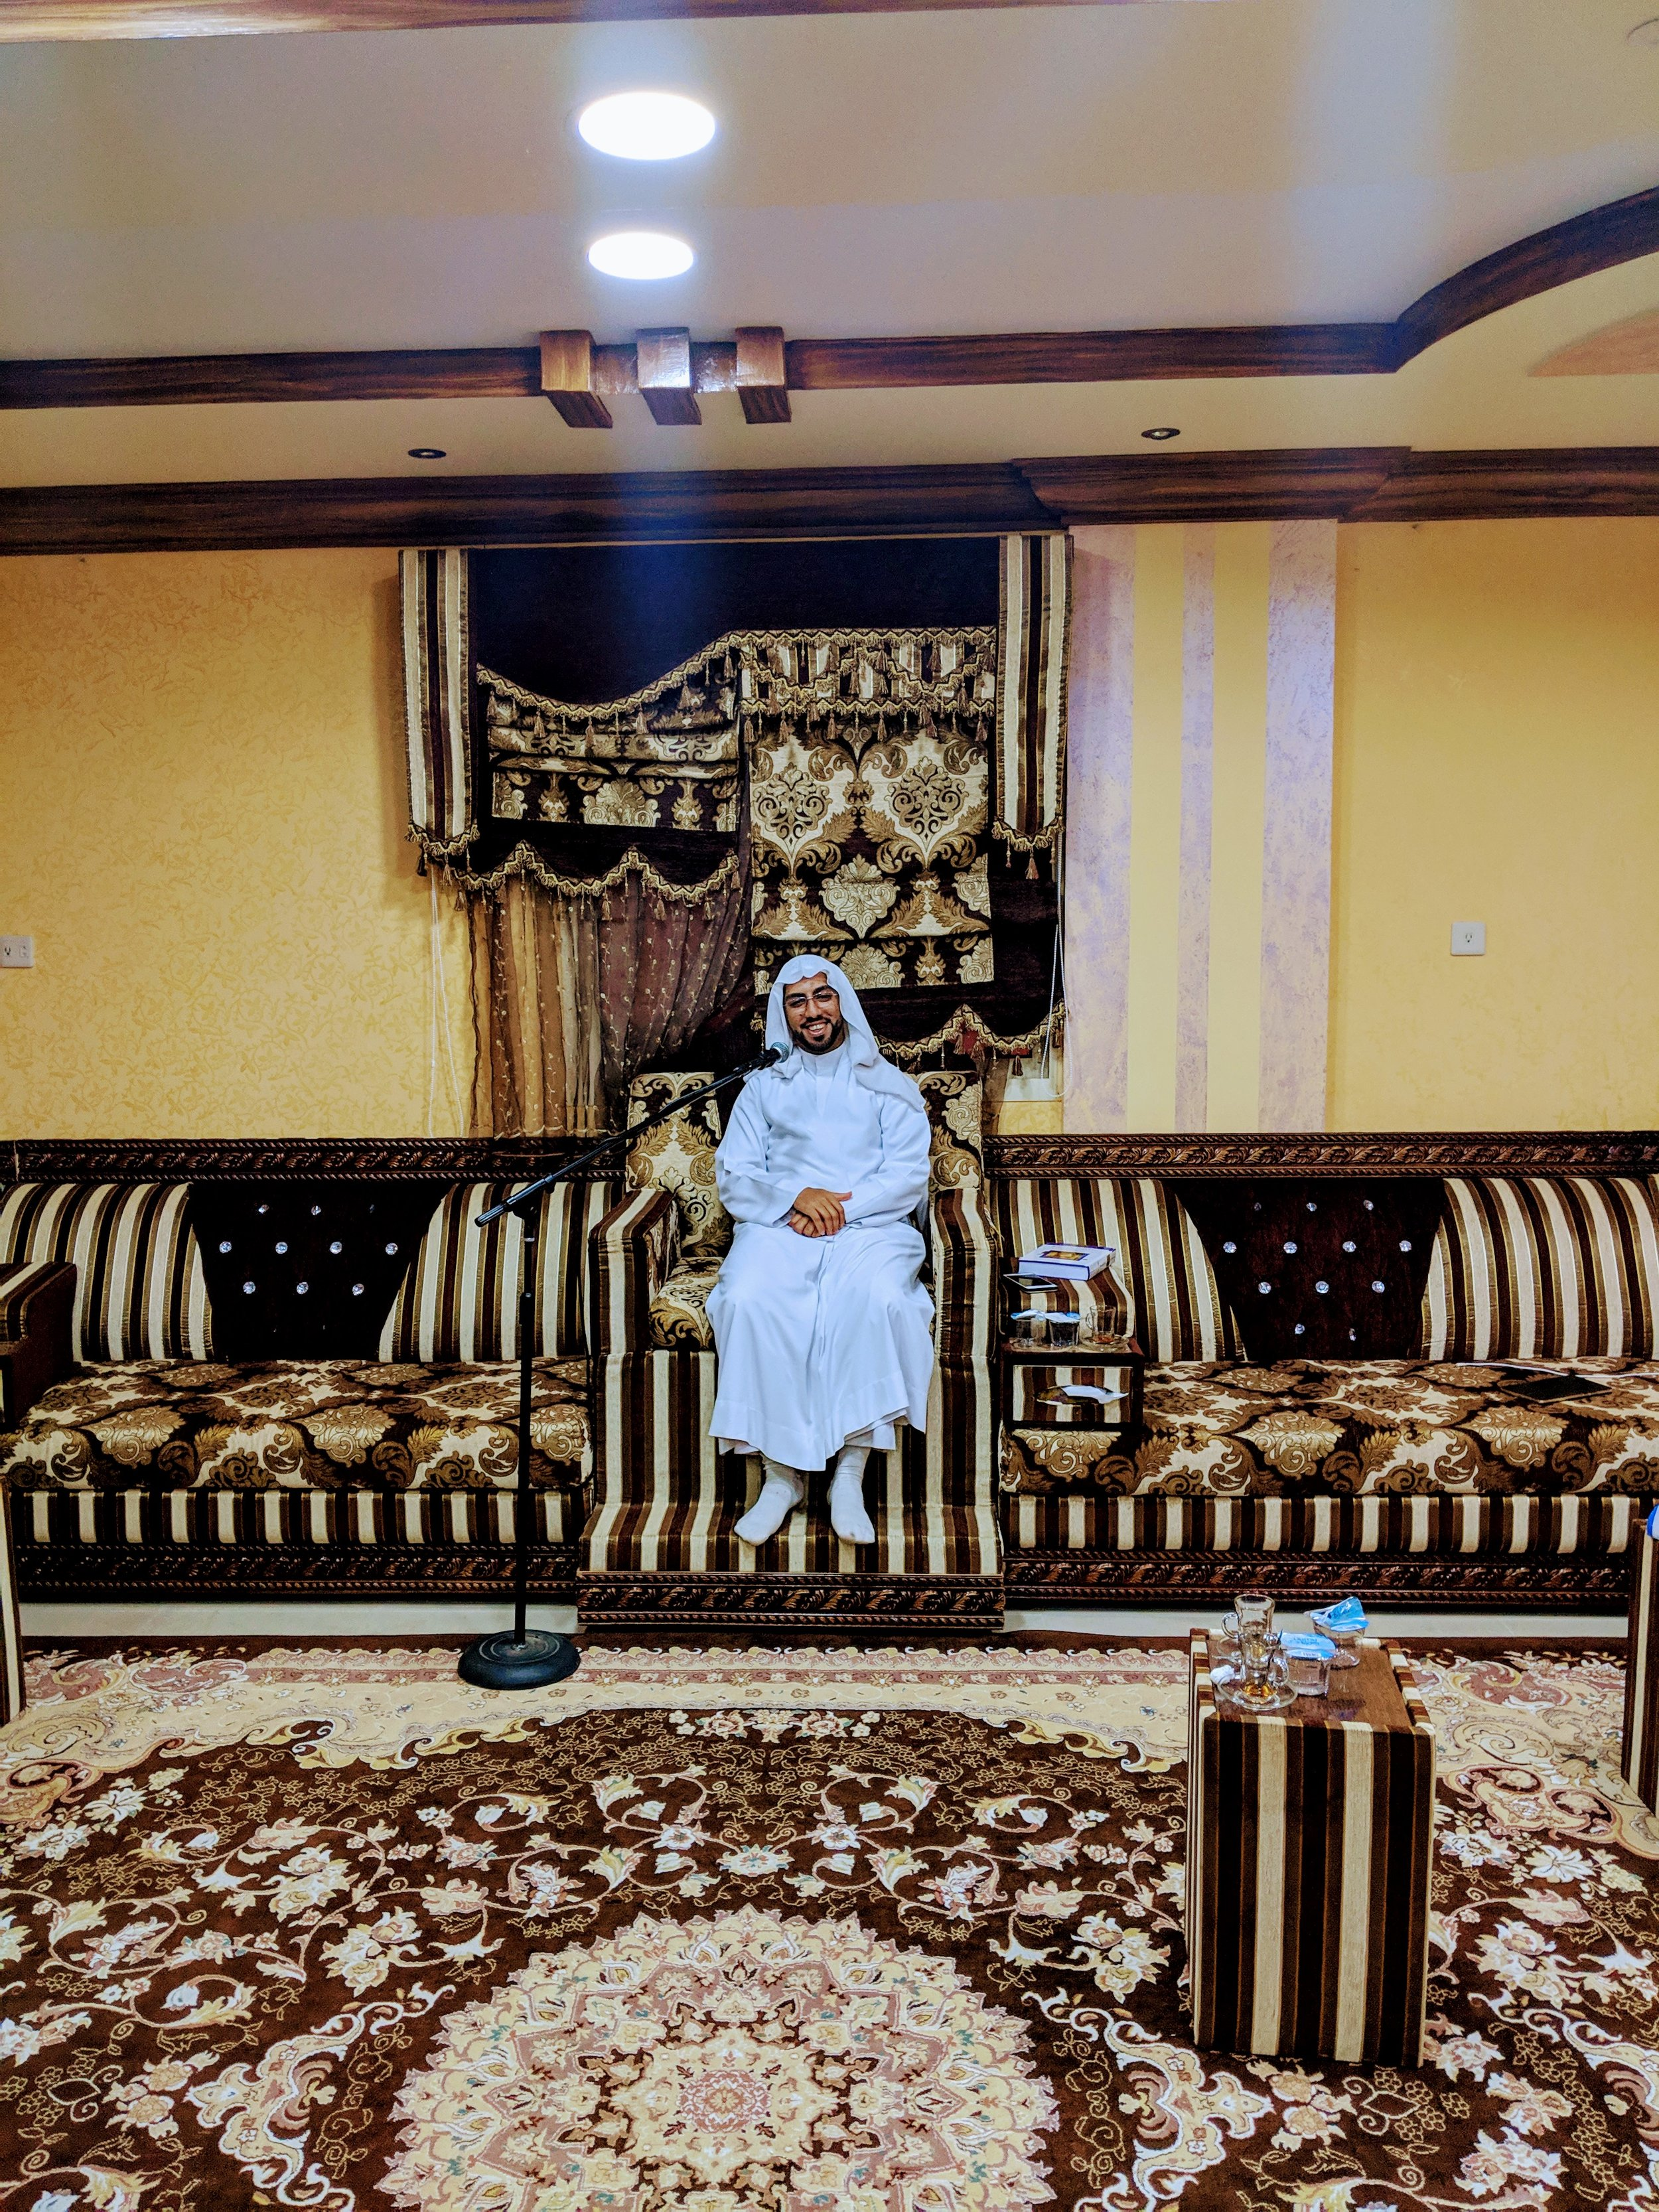 Al Ahsa, Saudi Arabia